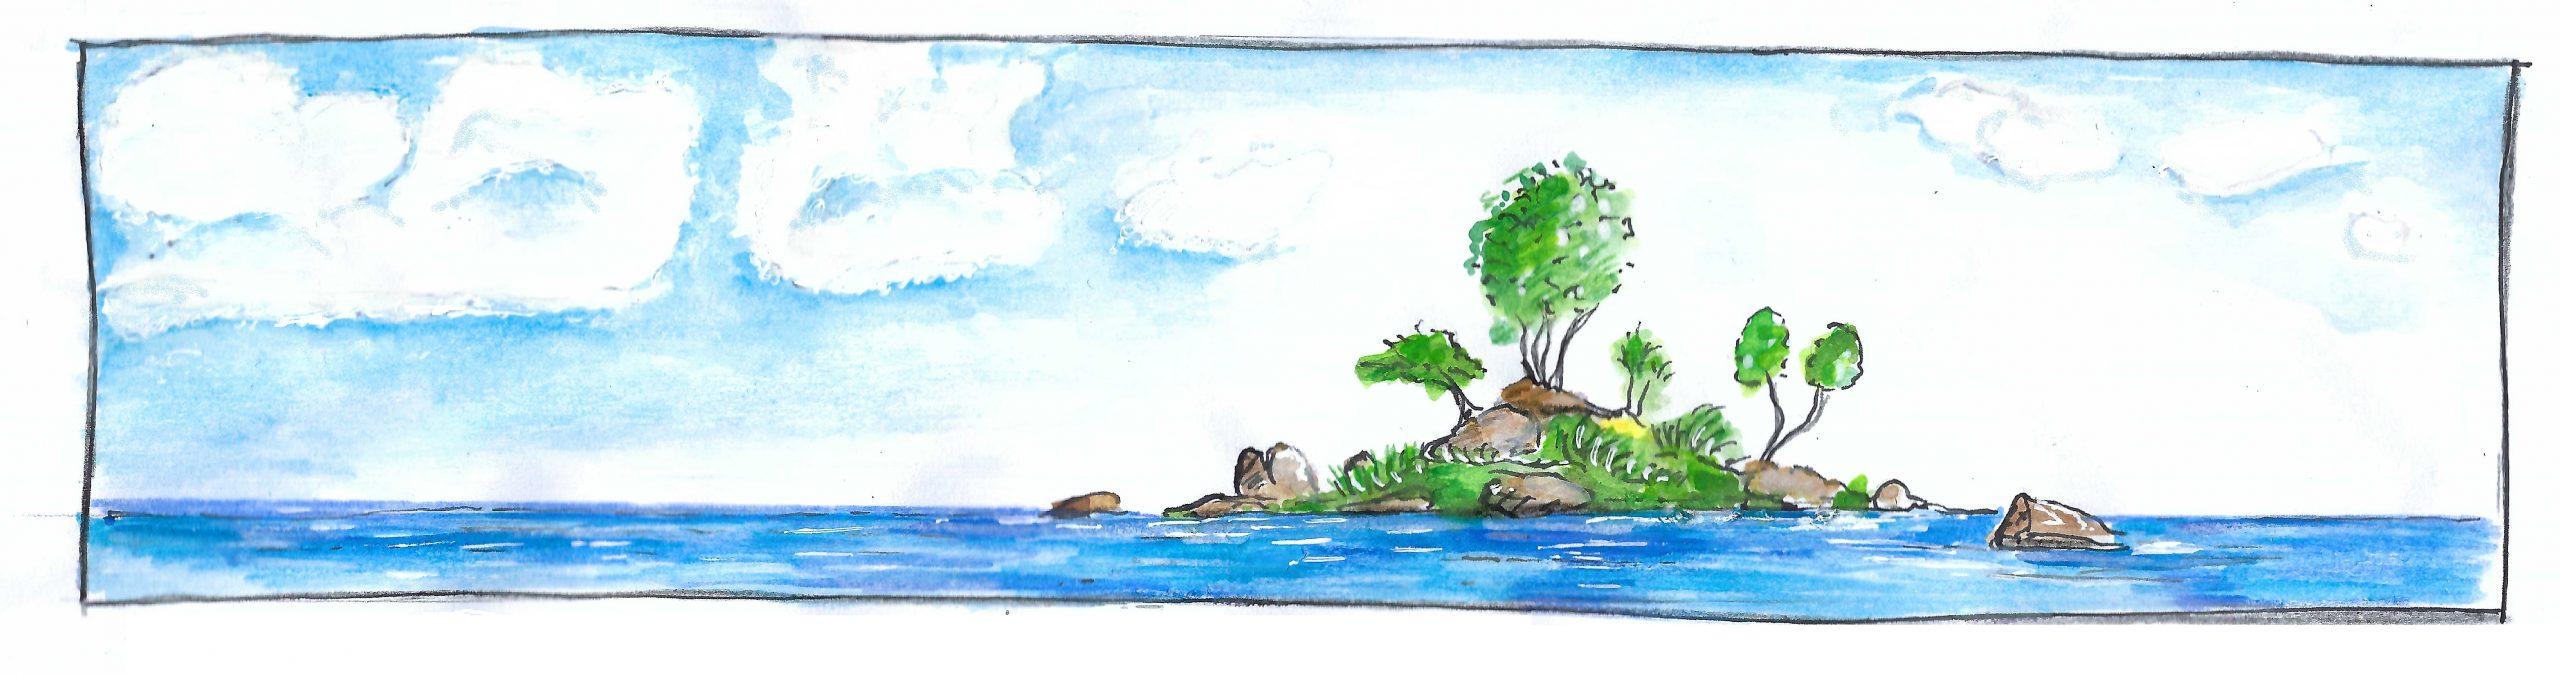 Das Vorbild: eine grüne Insel